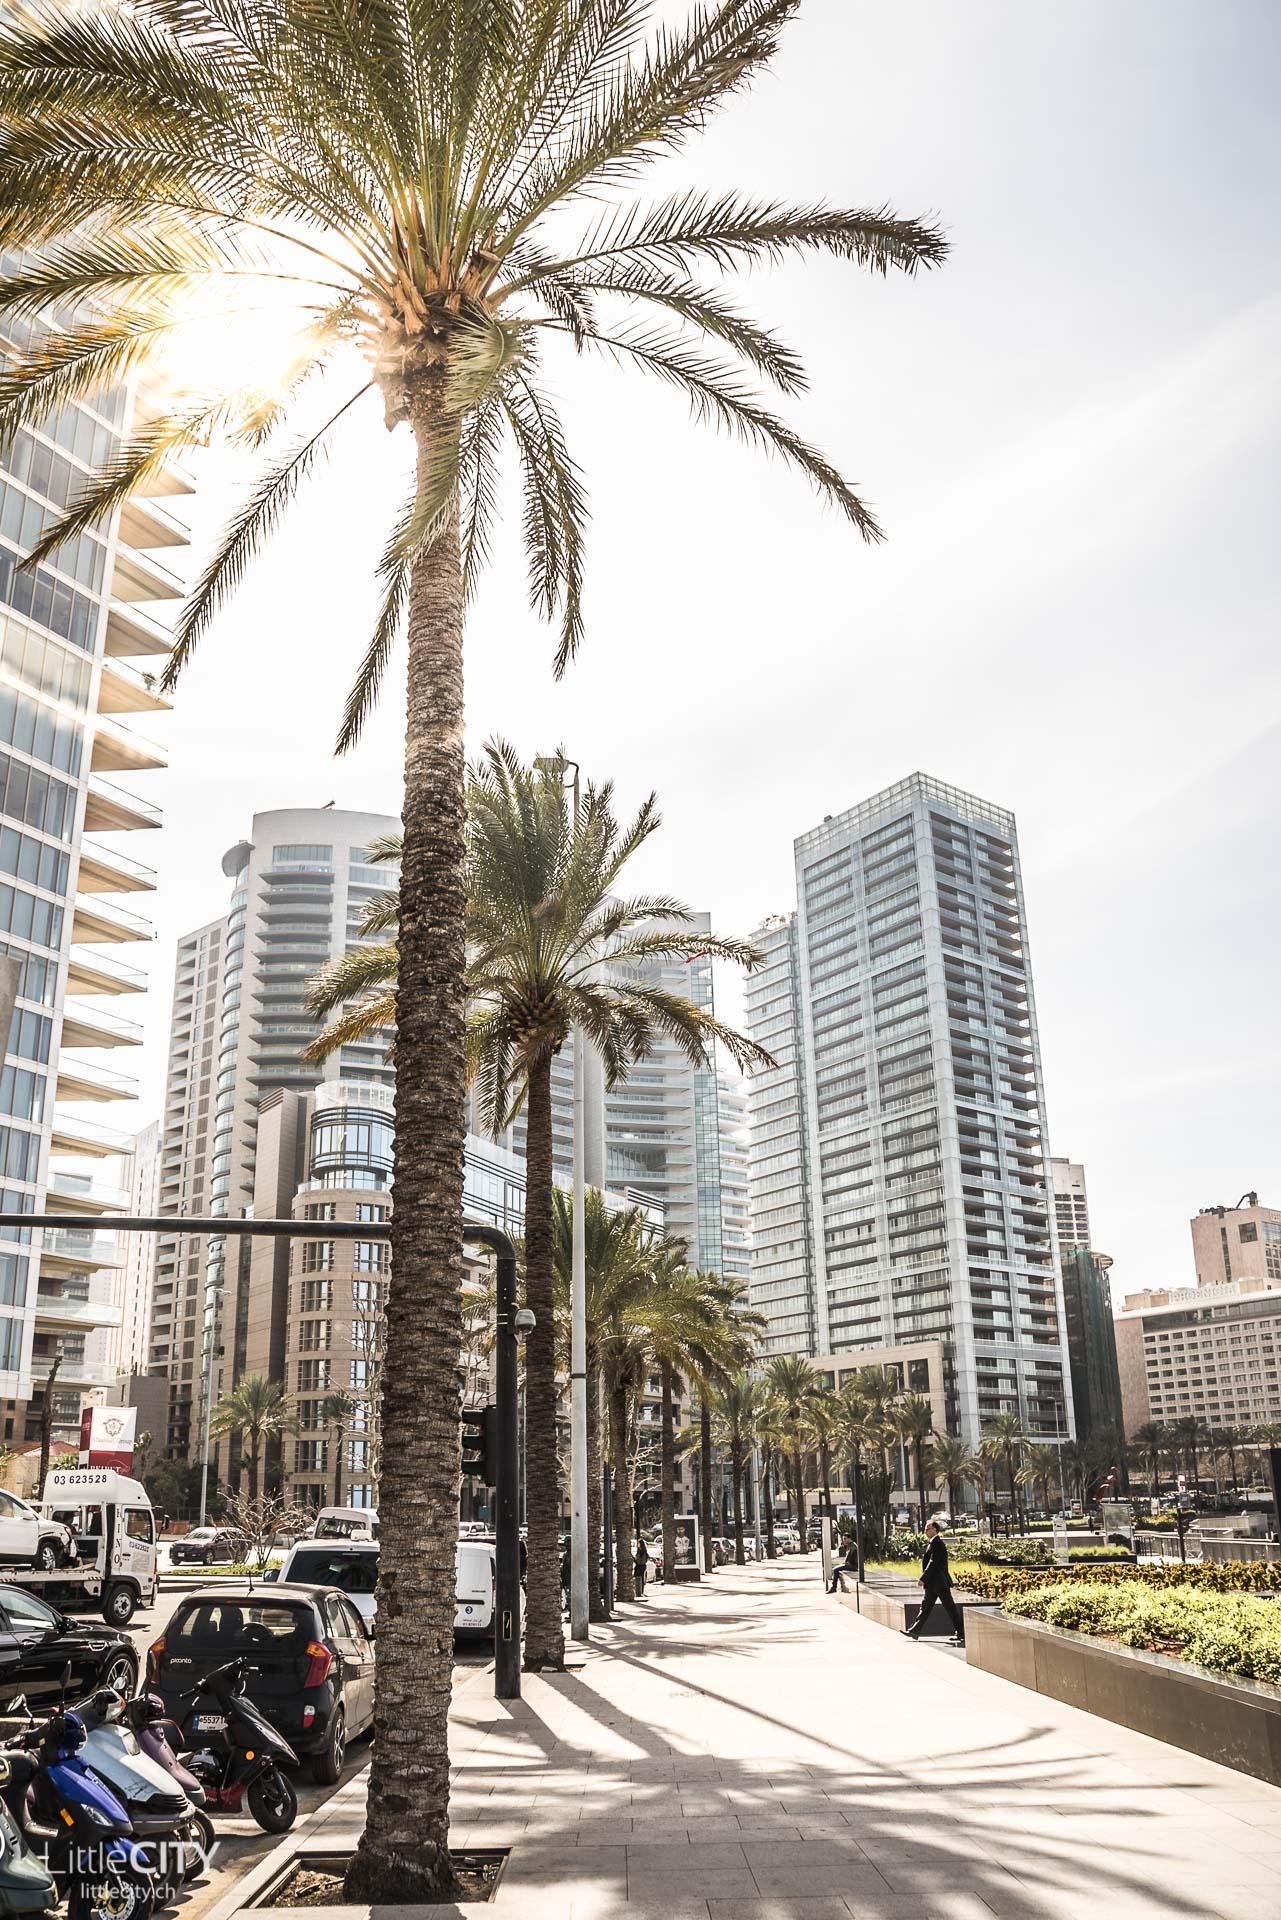 Beirut Libanon Reisebericht mit Reisetipps